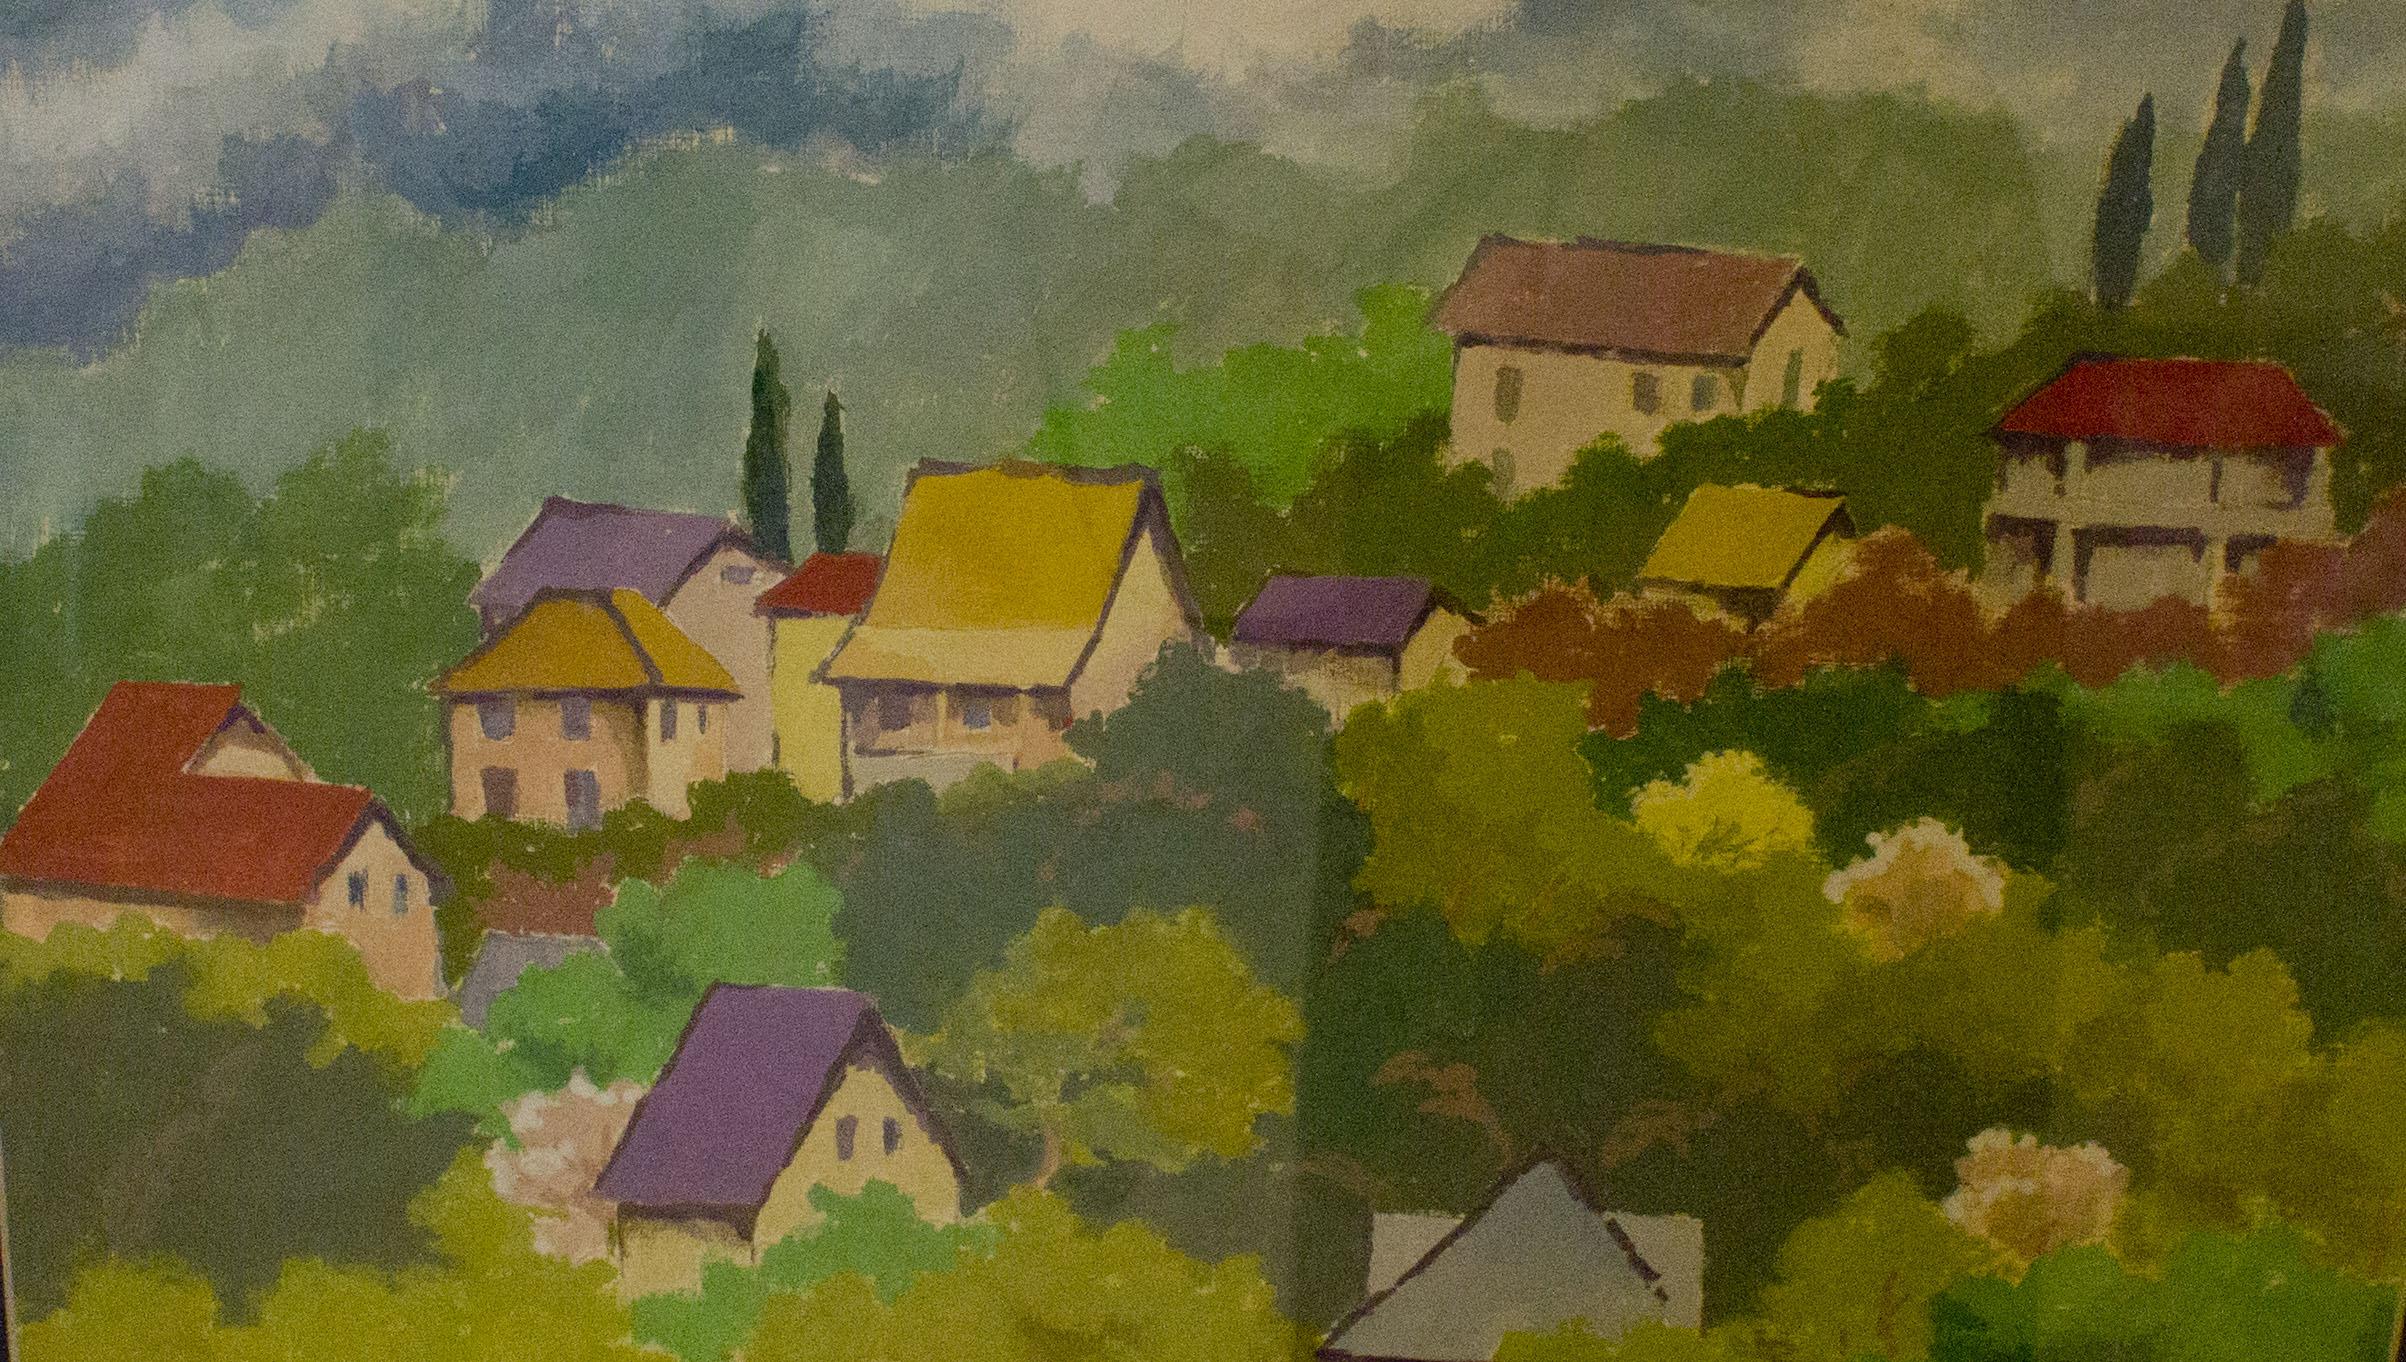 бумага, гуашь. Графическая работа с изображением деревенских домиков, утопающих в зелени.